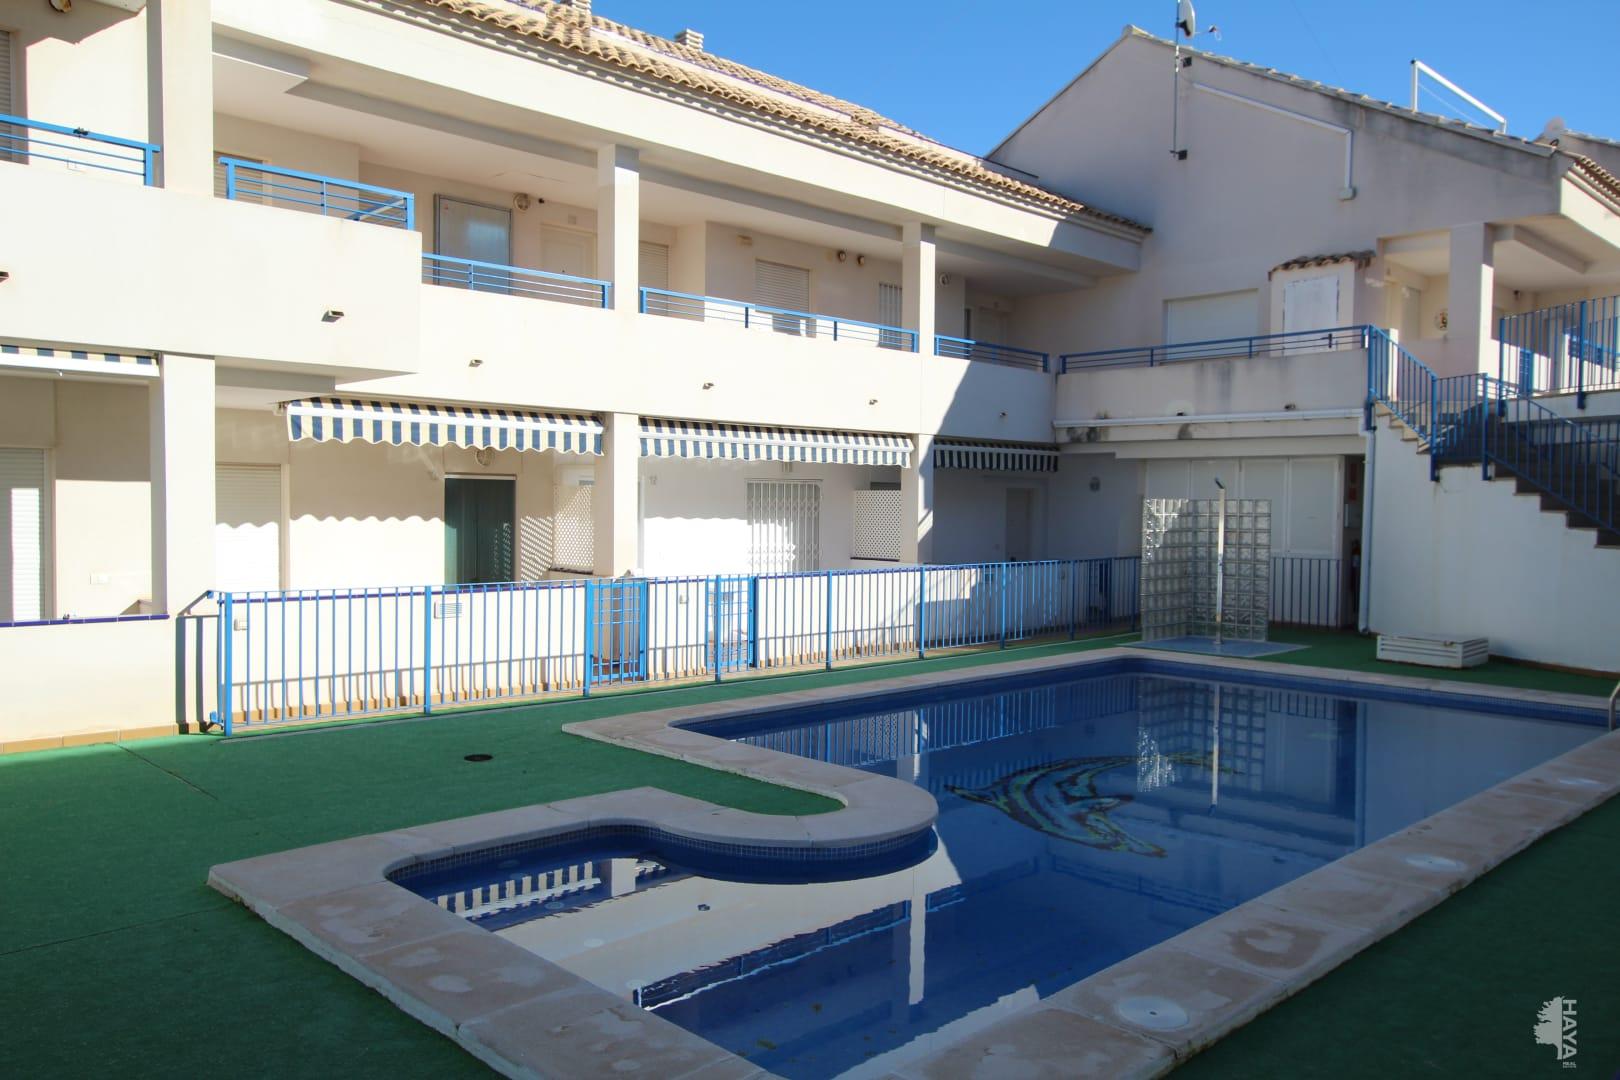 Piso en venta en Sagunto/sagunt, Valencia, Avenida Europa, 69.498 €, 2 habitaciones, 1 baño, 72 m2